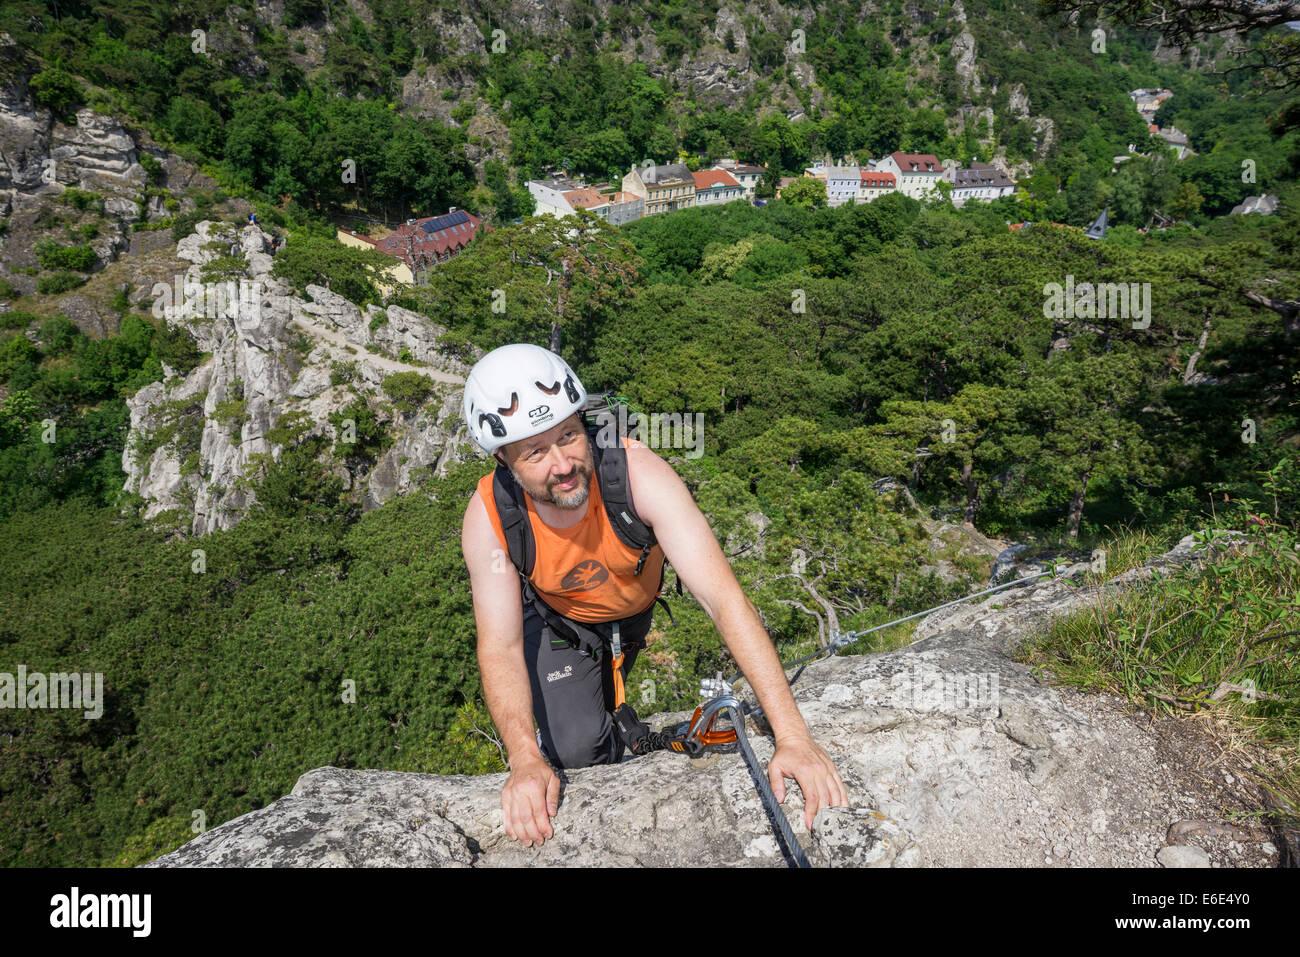 Klettersteig Niederösterreich : Bergsteiger mödlinger klettersteig mödling niederösterreich